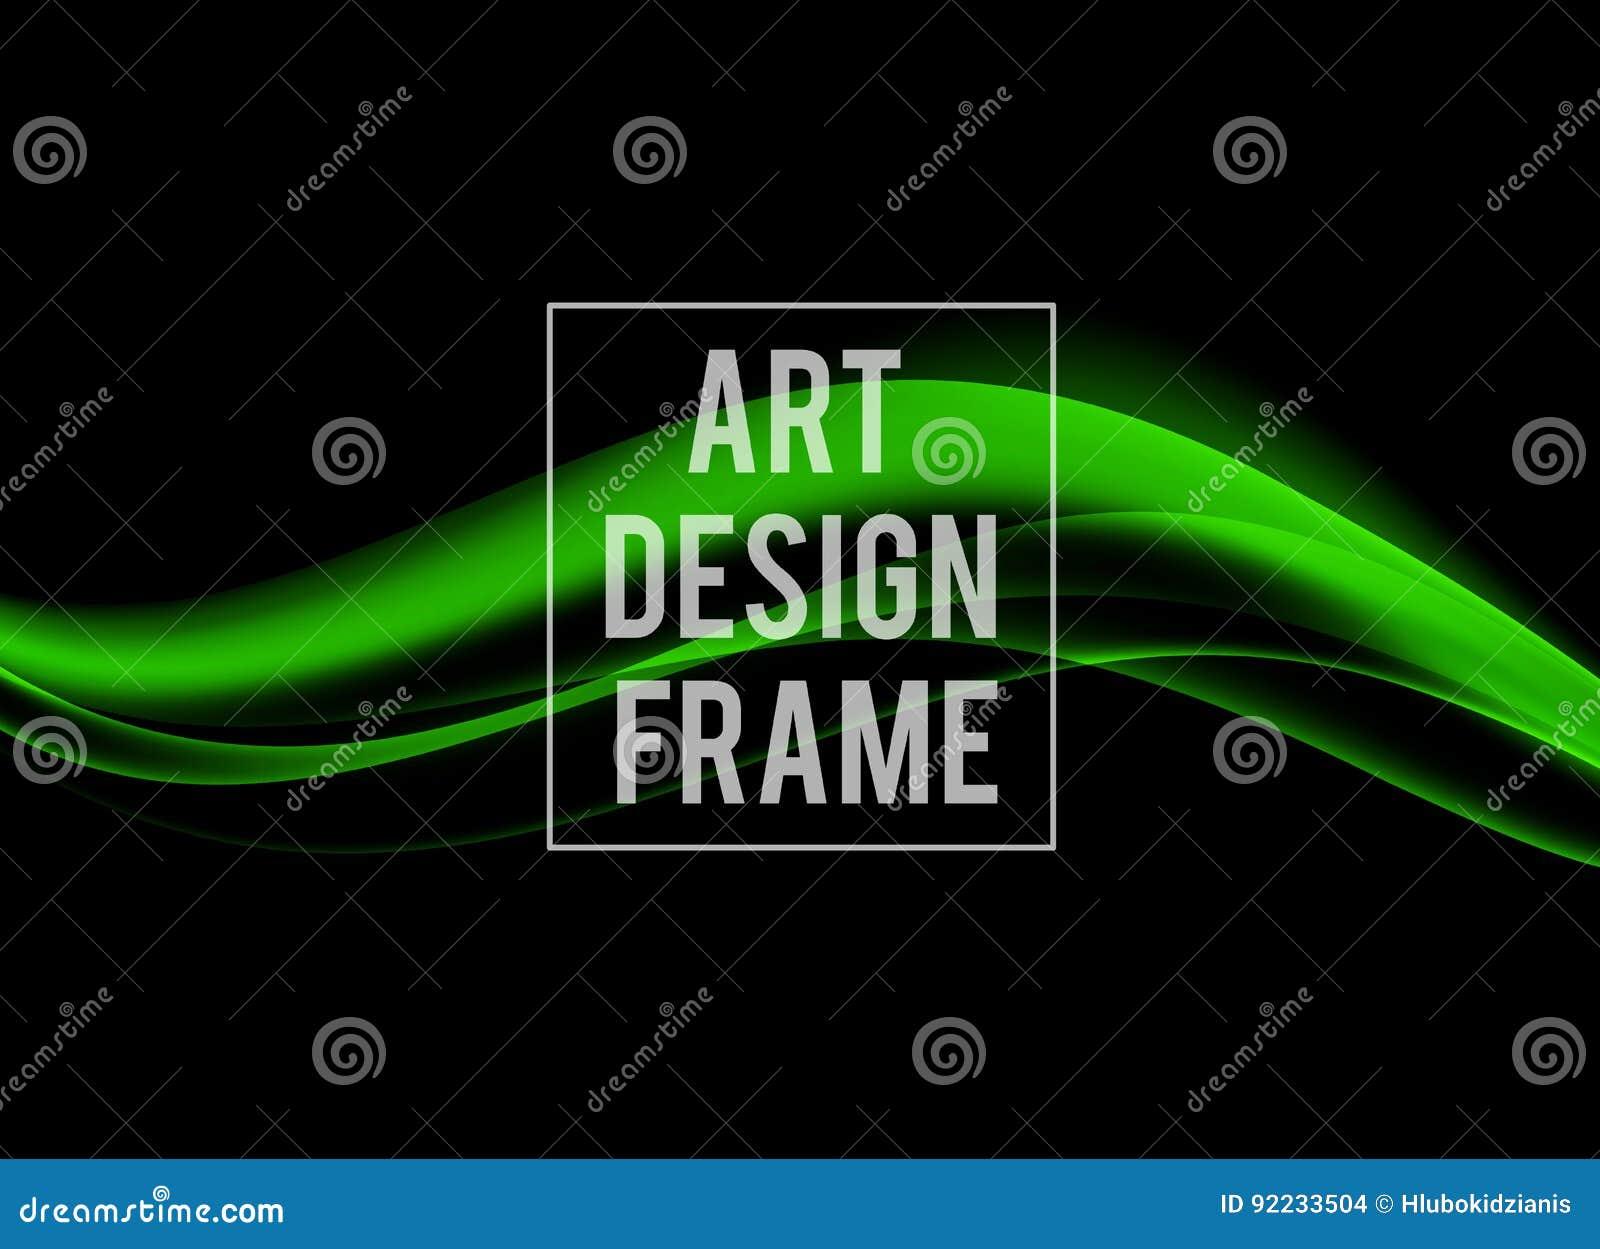 Calibre dynamique abstrait de conception d art